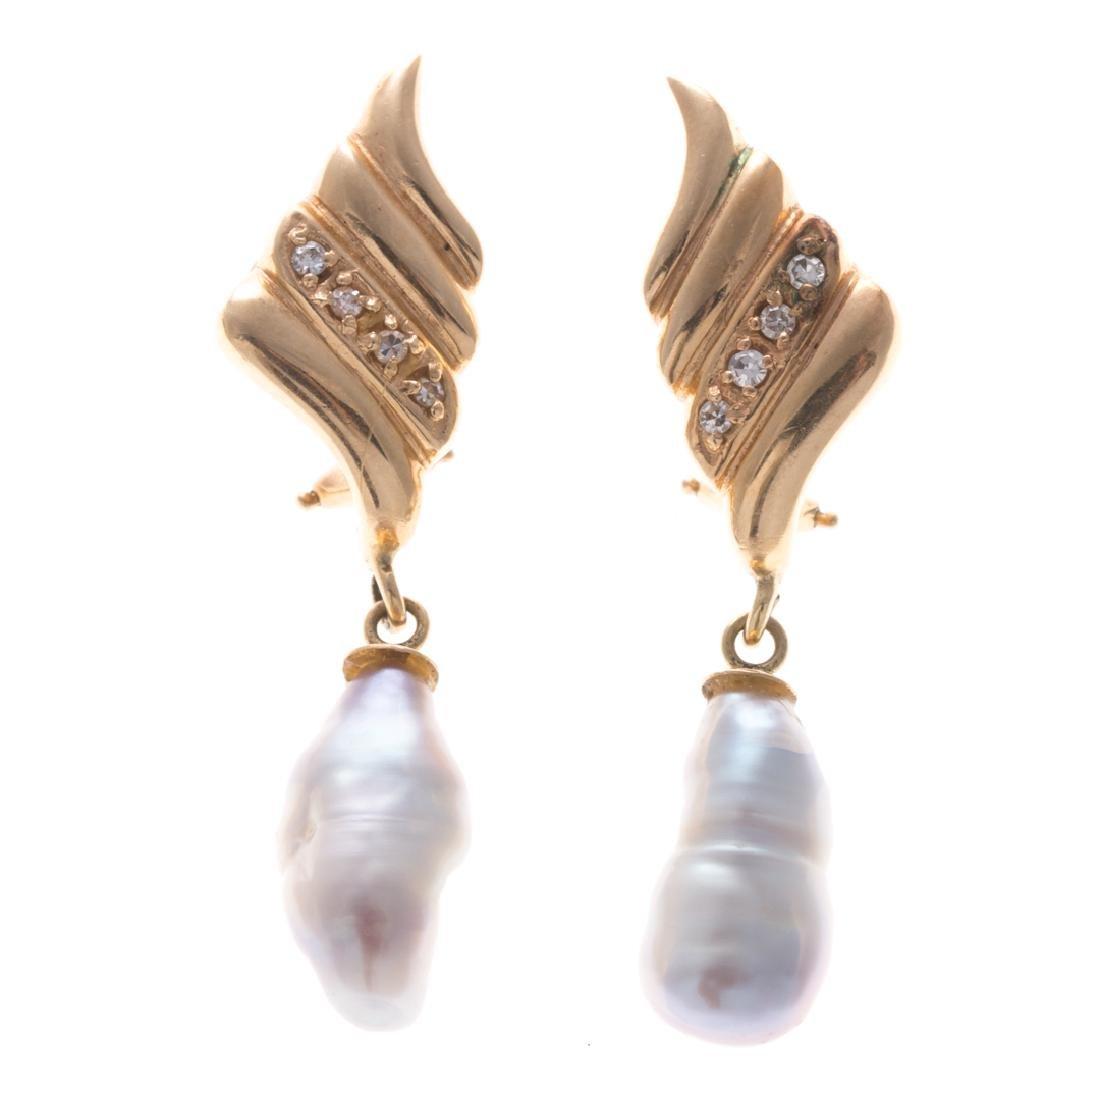 Two Pairs of Vintage Gemstone Earrings in Gold - 2